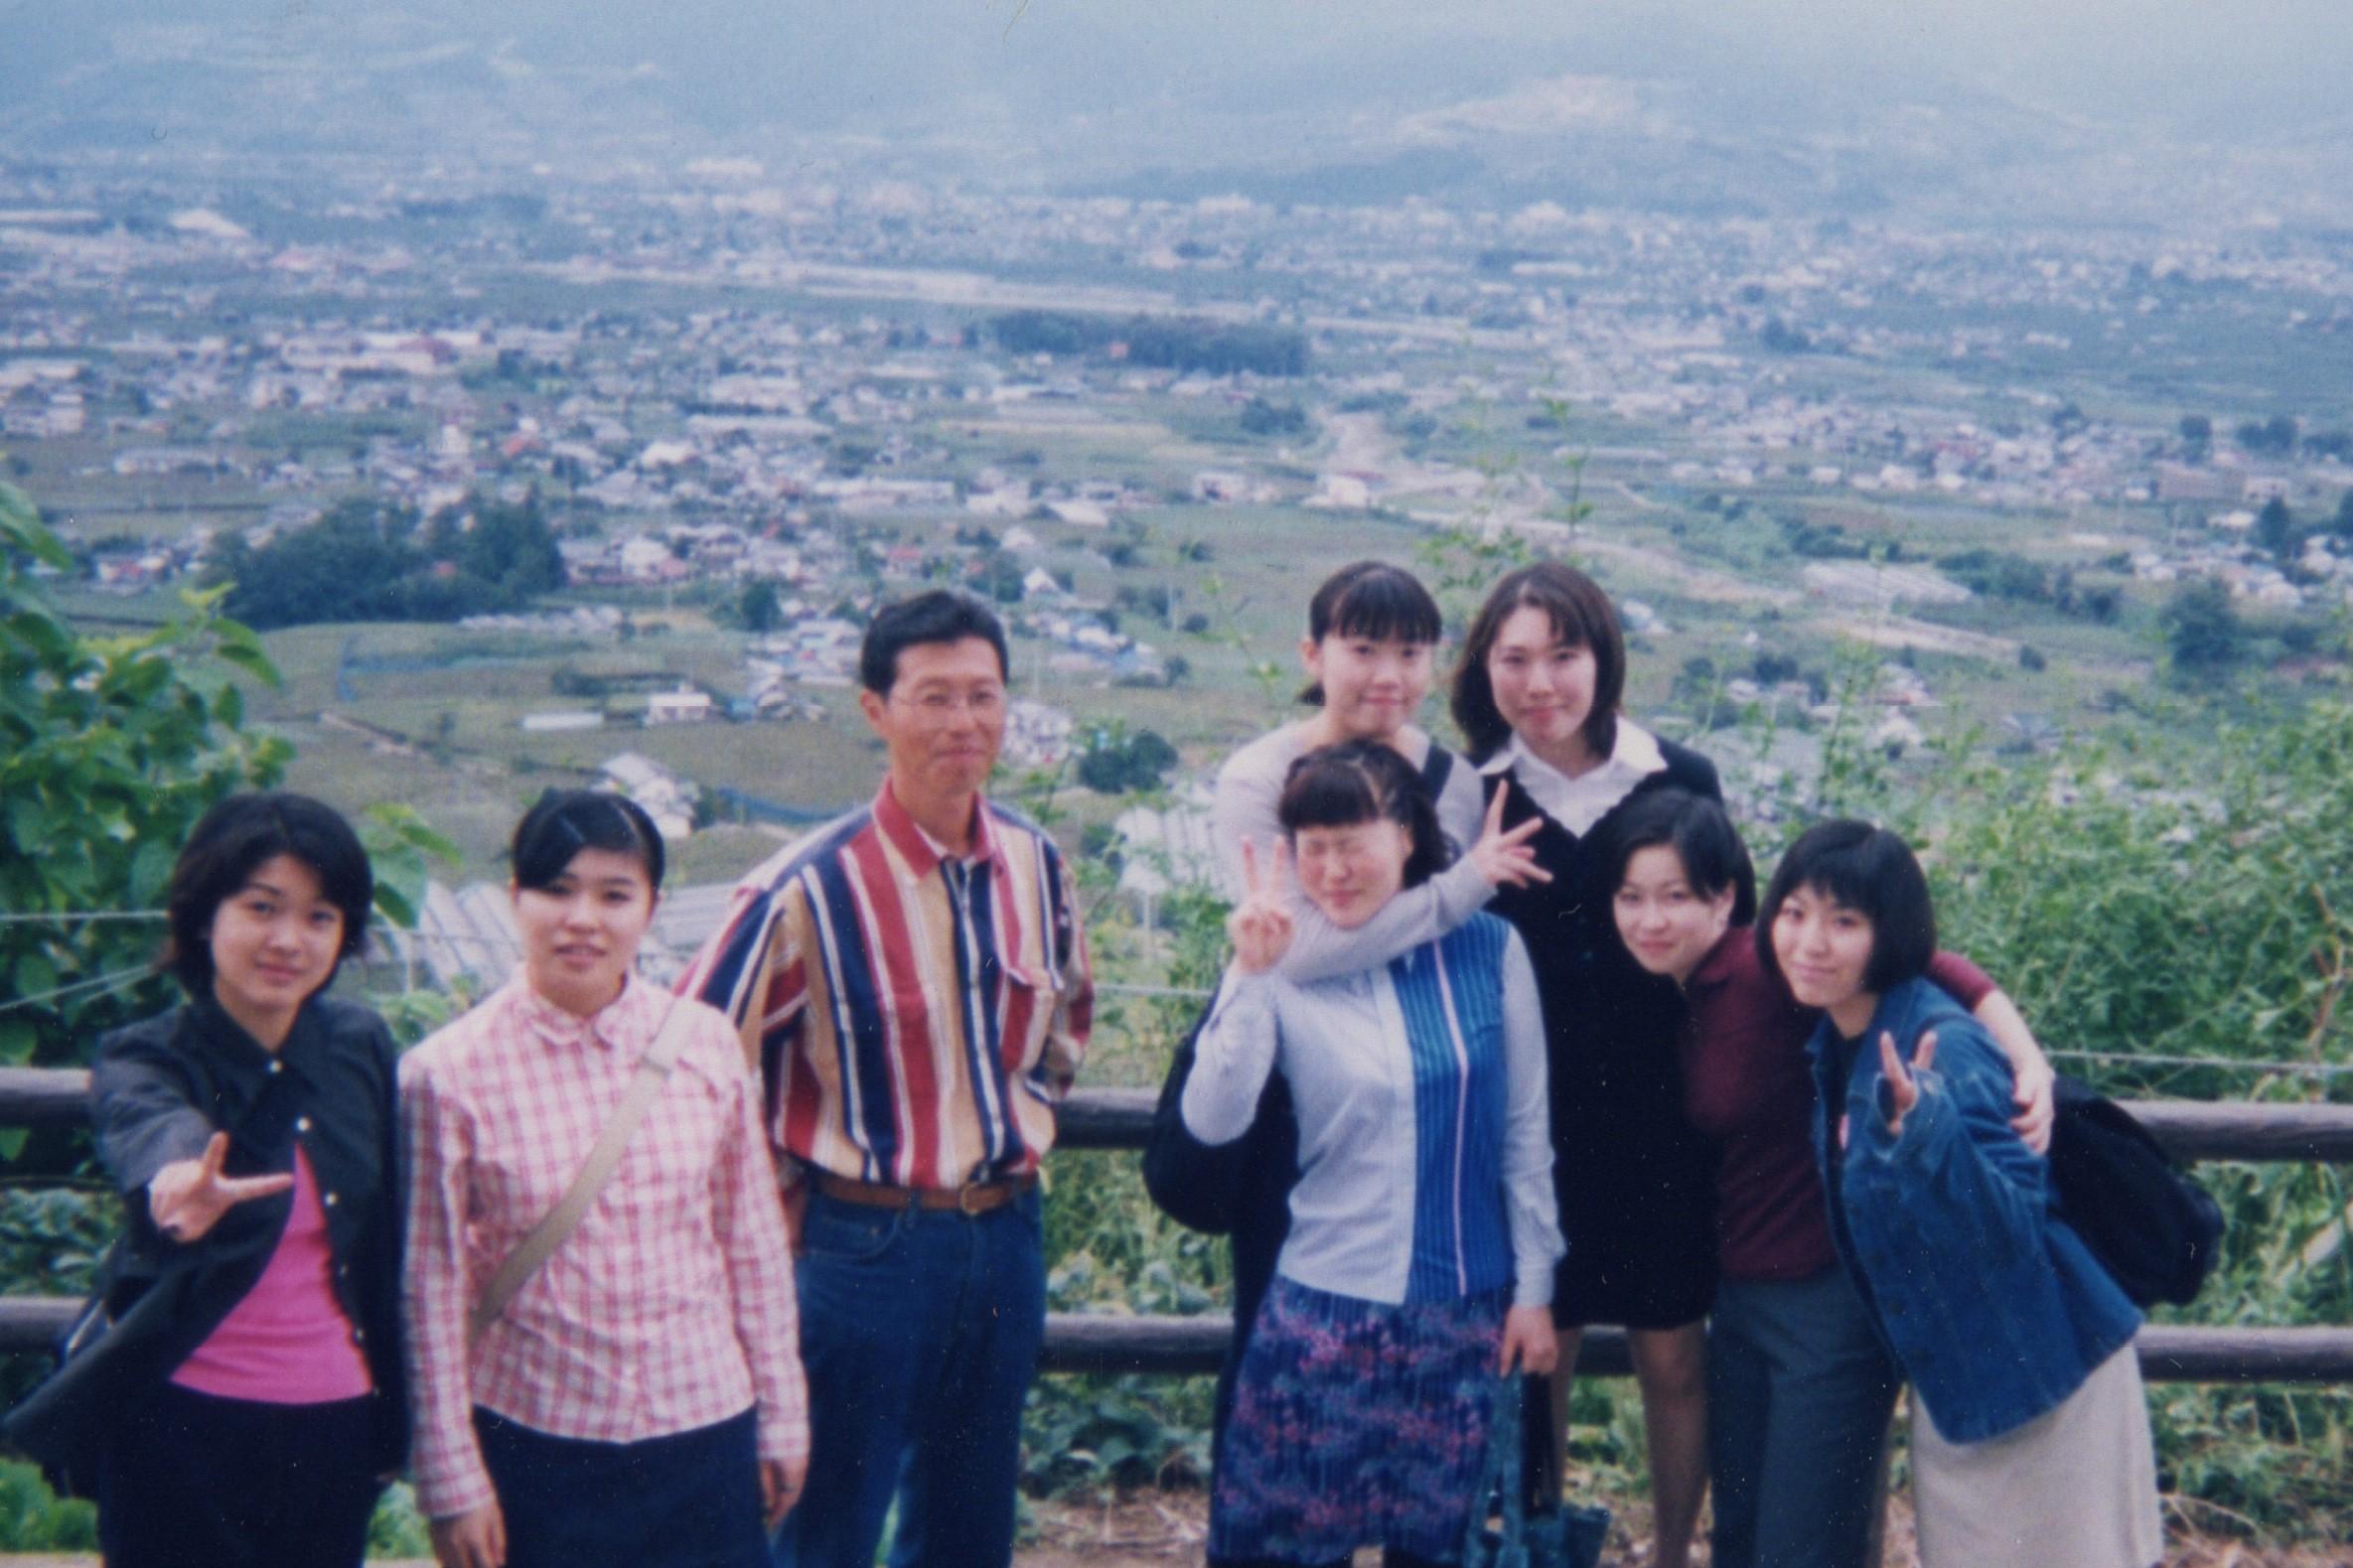 在学時、担任の川上先生たちと、ワイナリー見学。川上先生はソムリエなので色々と教わりました